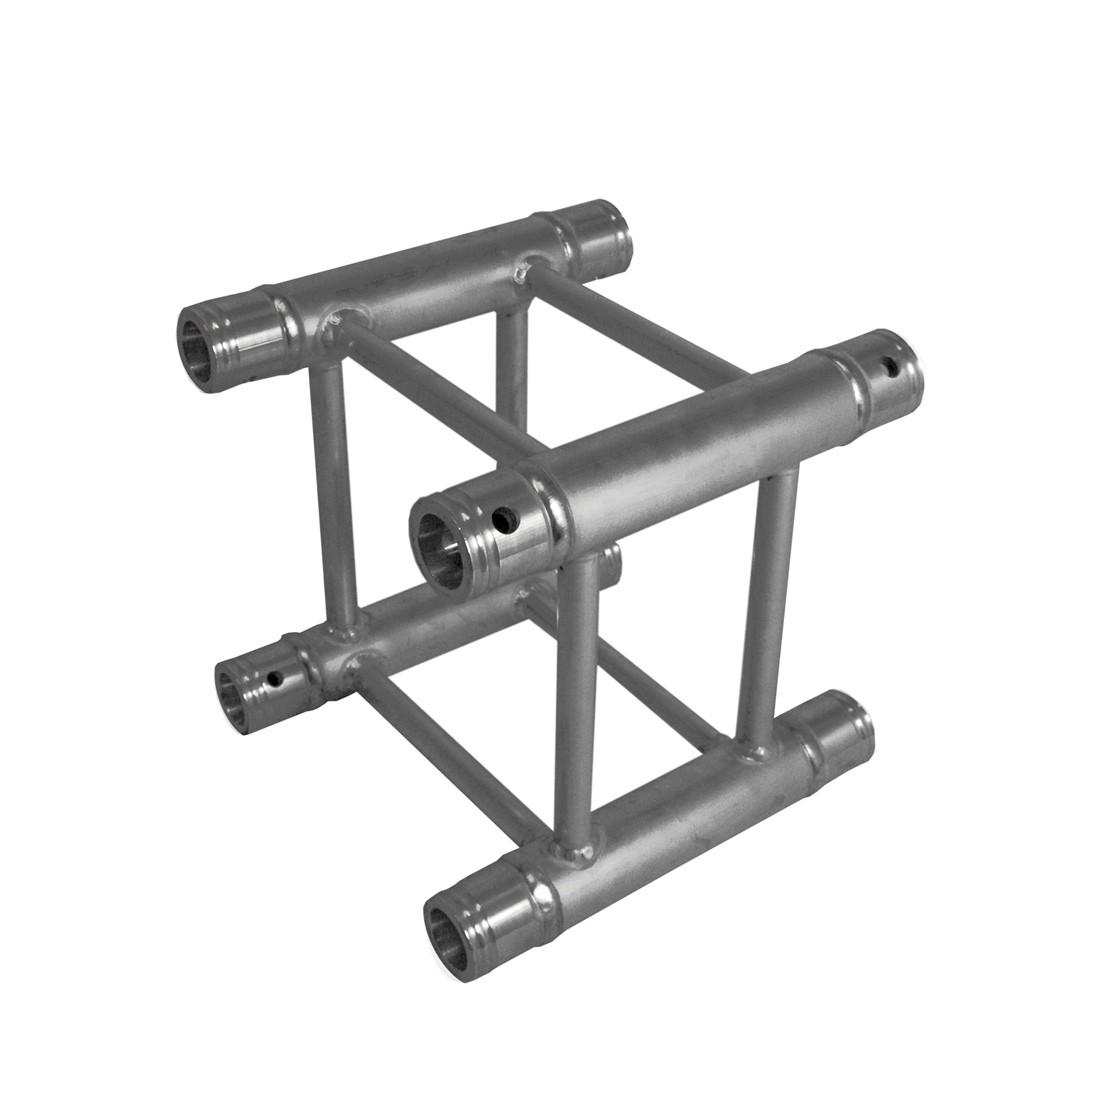 Structure alu carrée 290mm alutruss 6082-290 29cm *** Destockage***